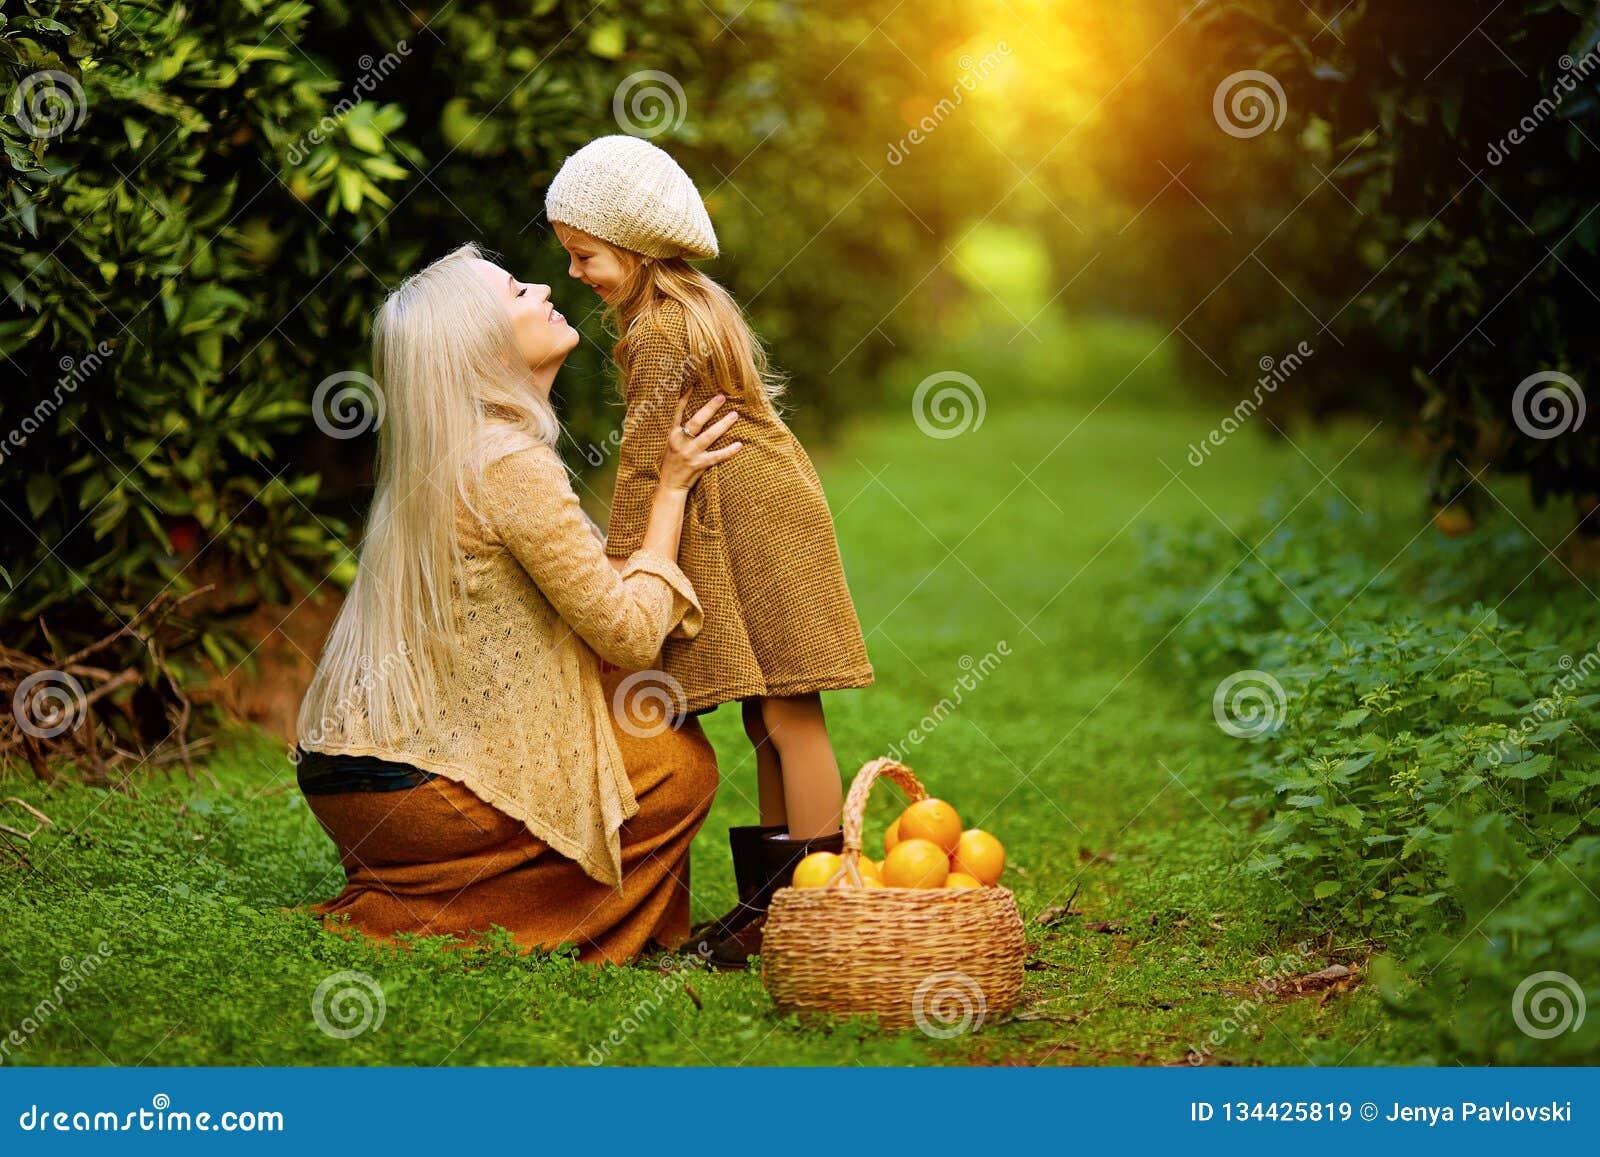 Ευτυχής γυναίκα με την κόρη στον ηλιόλουστο κήπο